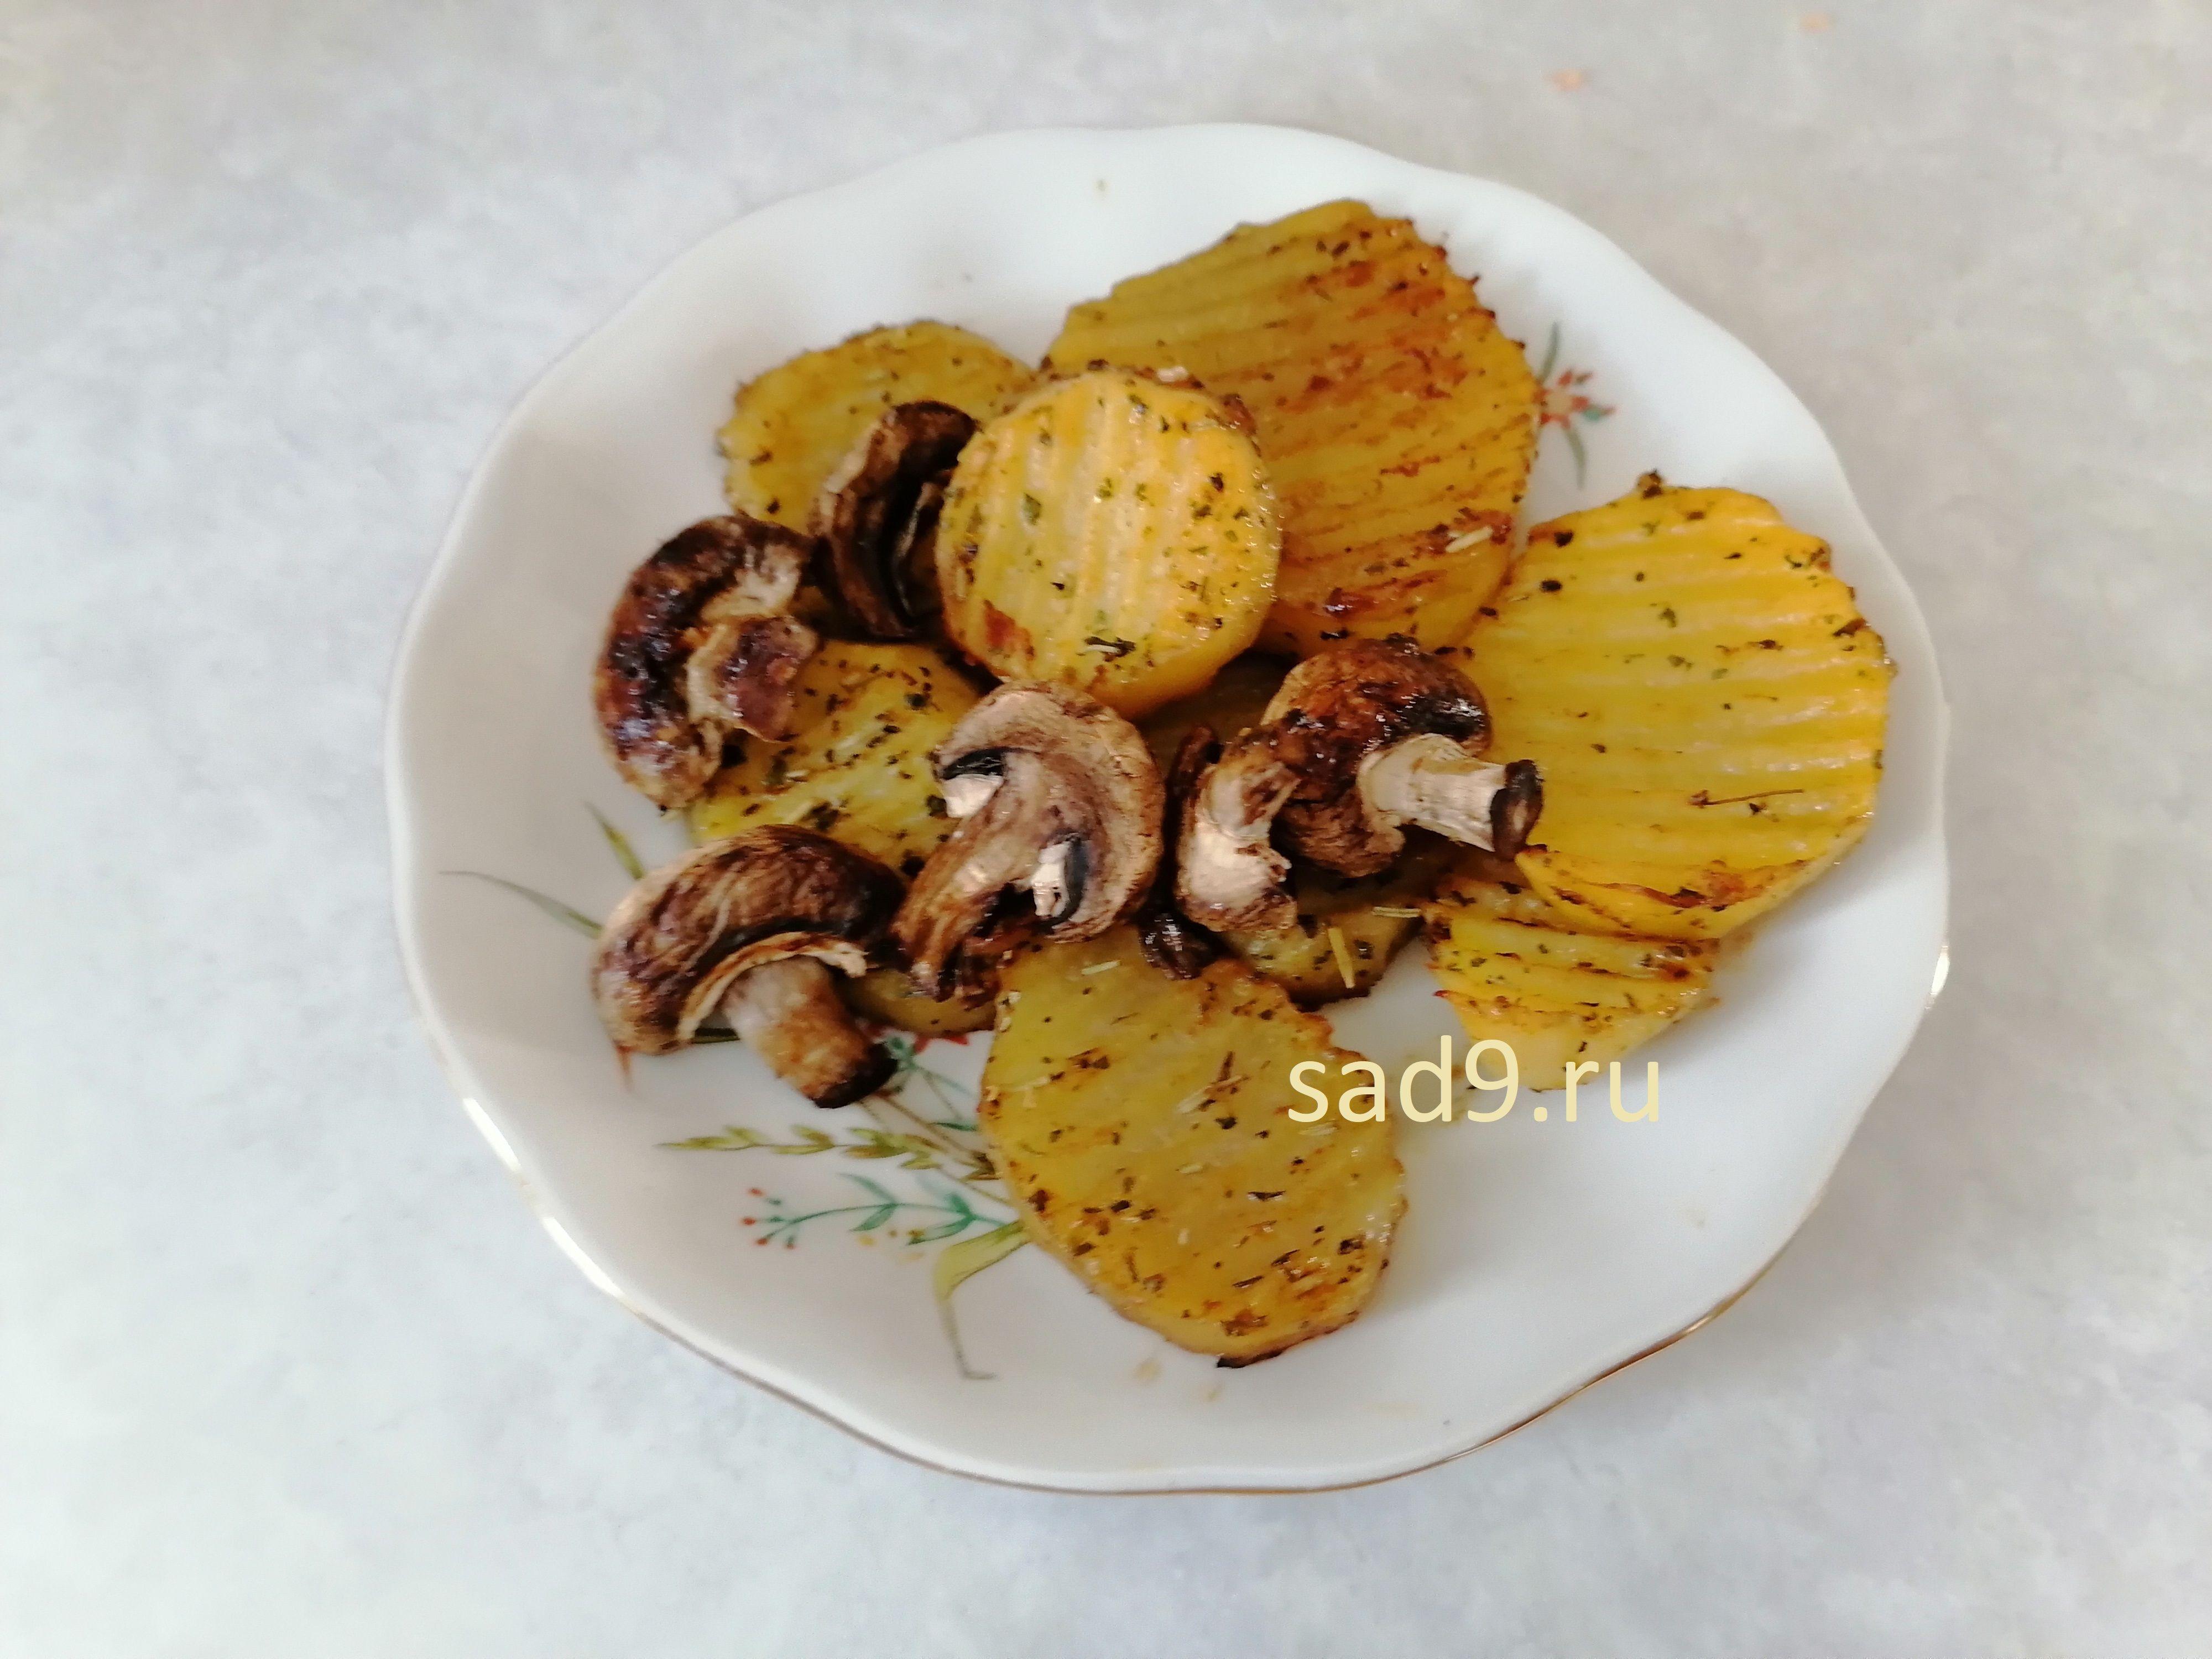 Приготовление картошки с грибами в домашних условиях